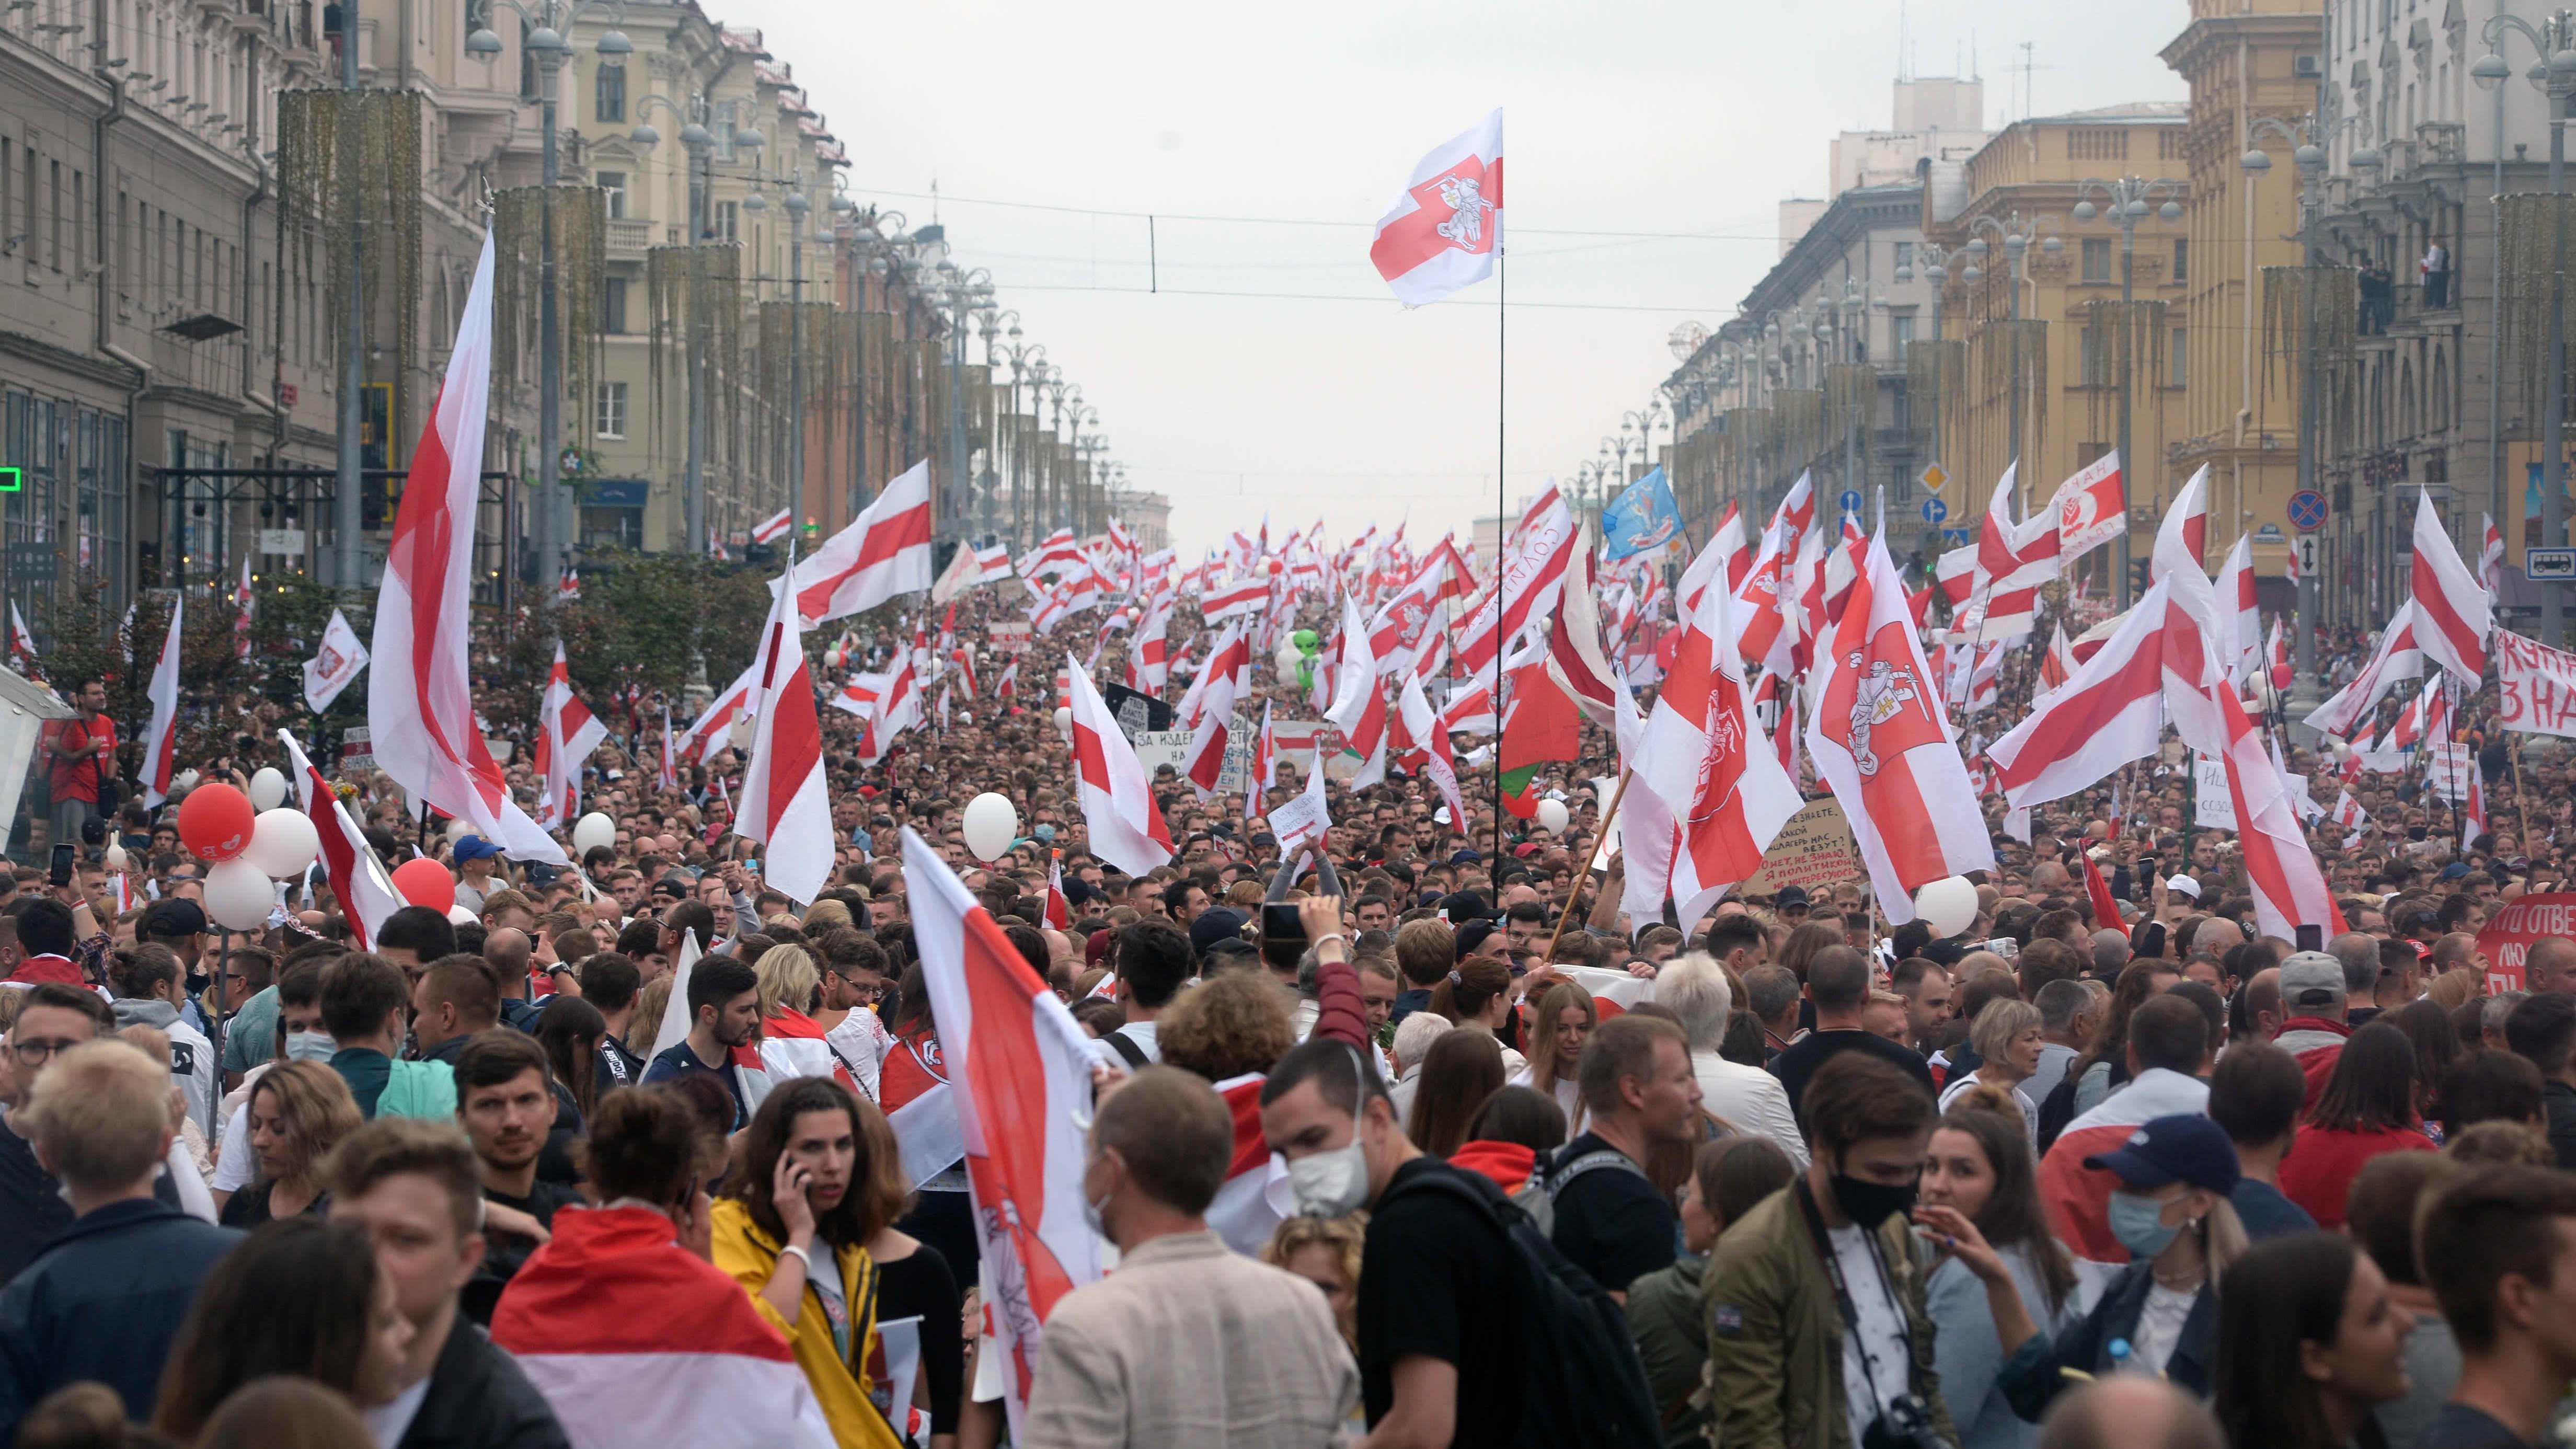 Mielenosoittajat täyttivät Minskin kadut sunnuntaina 23. elokuuta 2020.